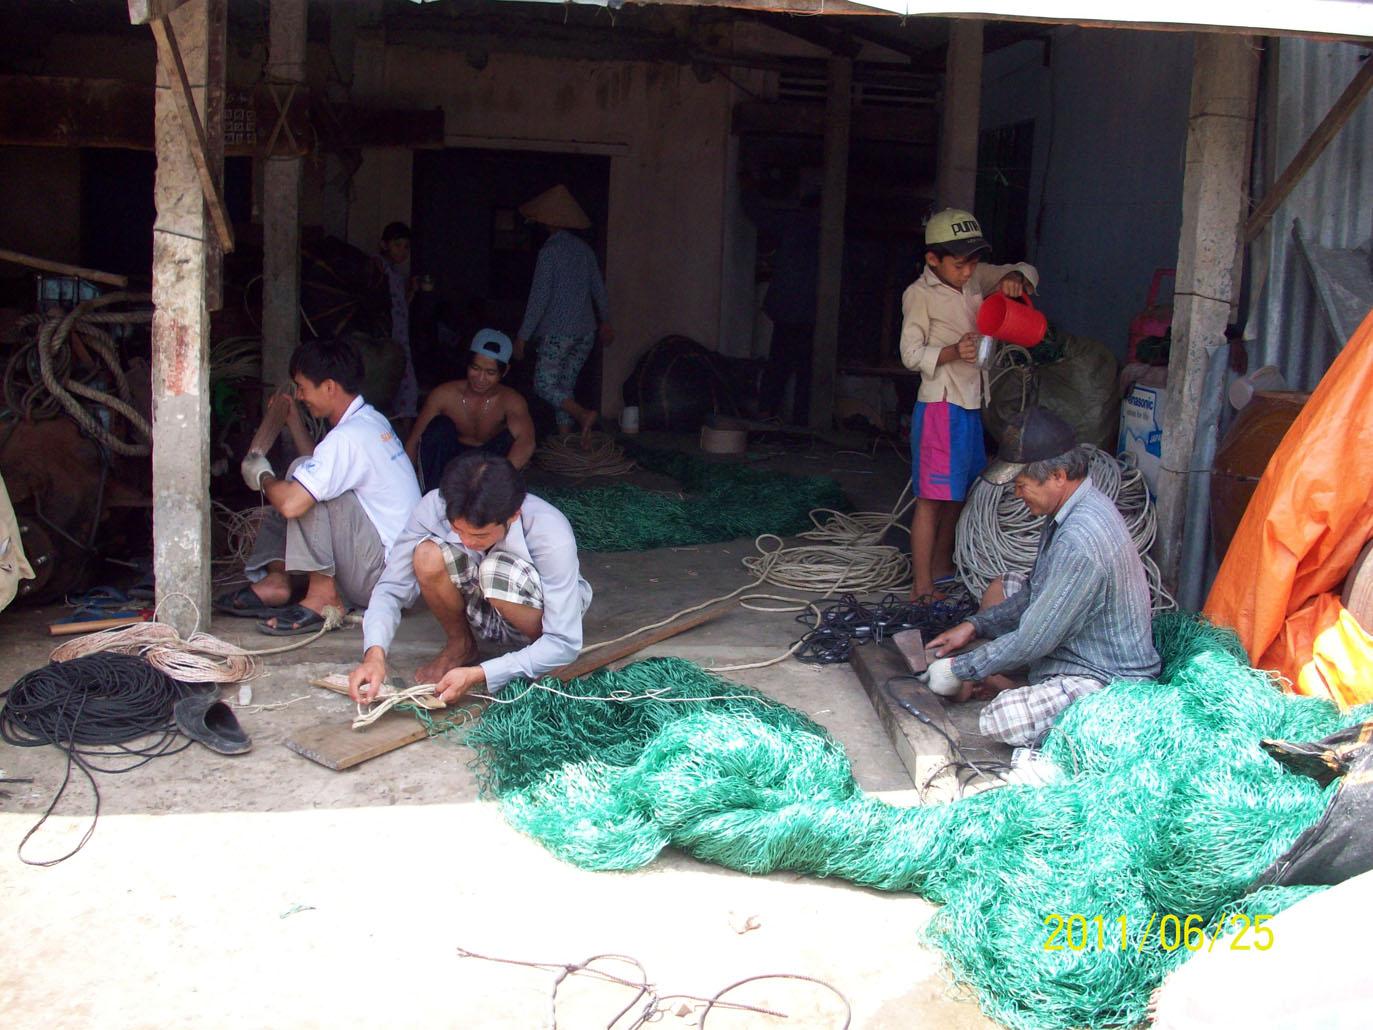 Ngư dân Gò Công vá lưới chuẩn bị ra khơi đánh bắt hải sản.